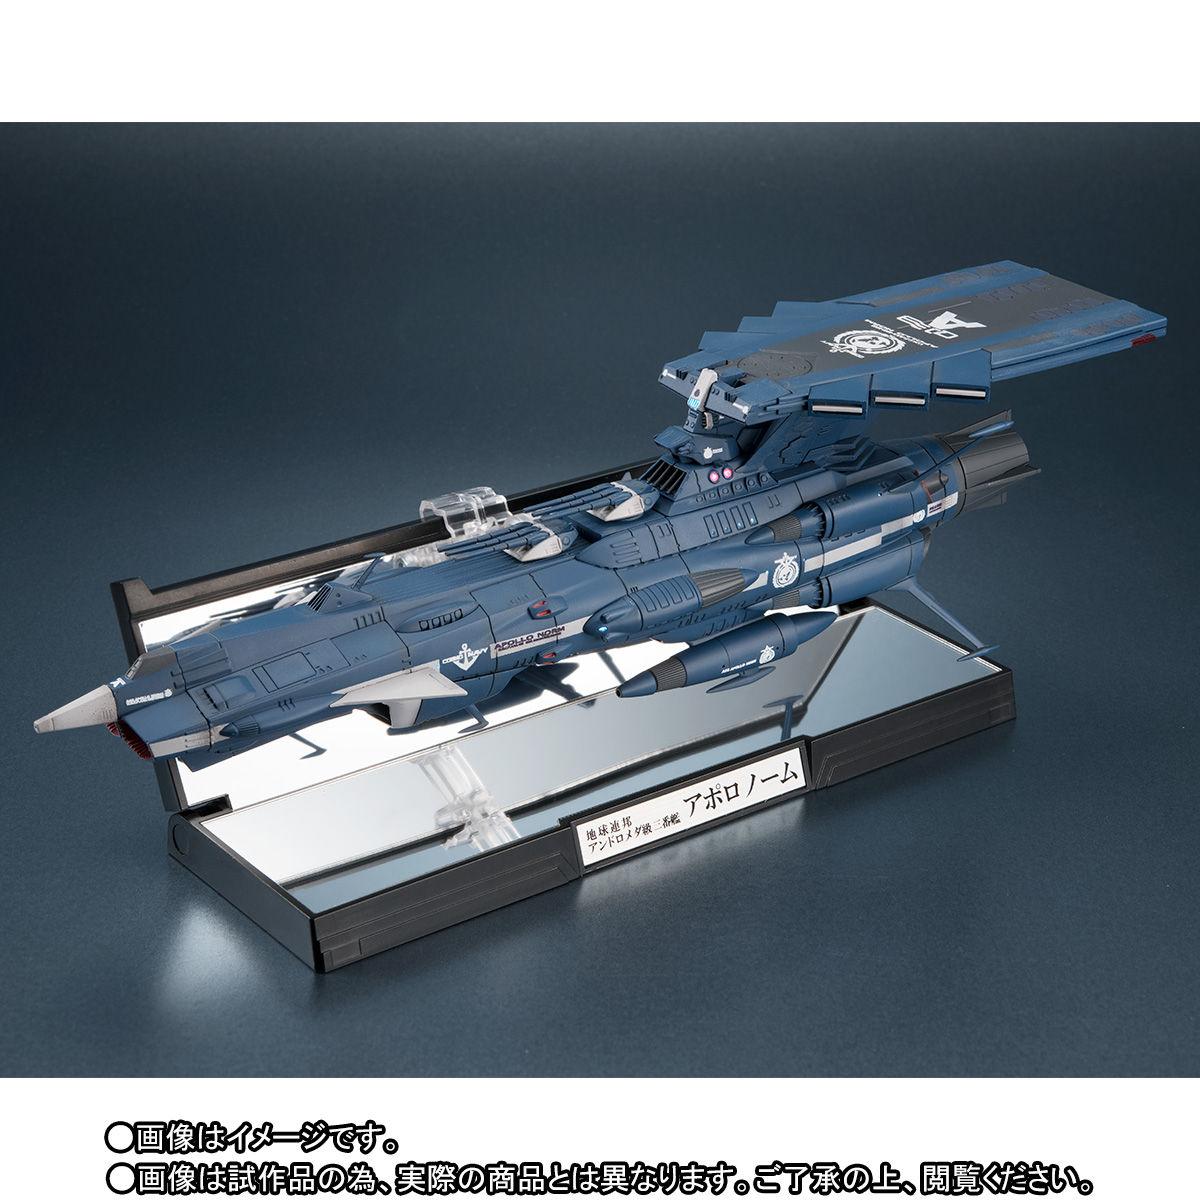 輝艦大全『地球連邦アンドロメダ級三番艦 アポロノーム 宇宙戦艦ヤマト2202』1/2000 完成品モデル-008